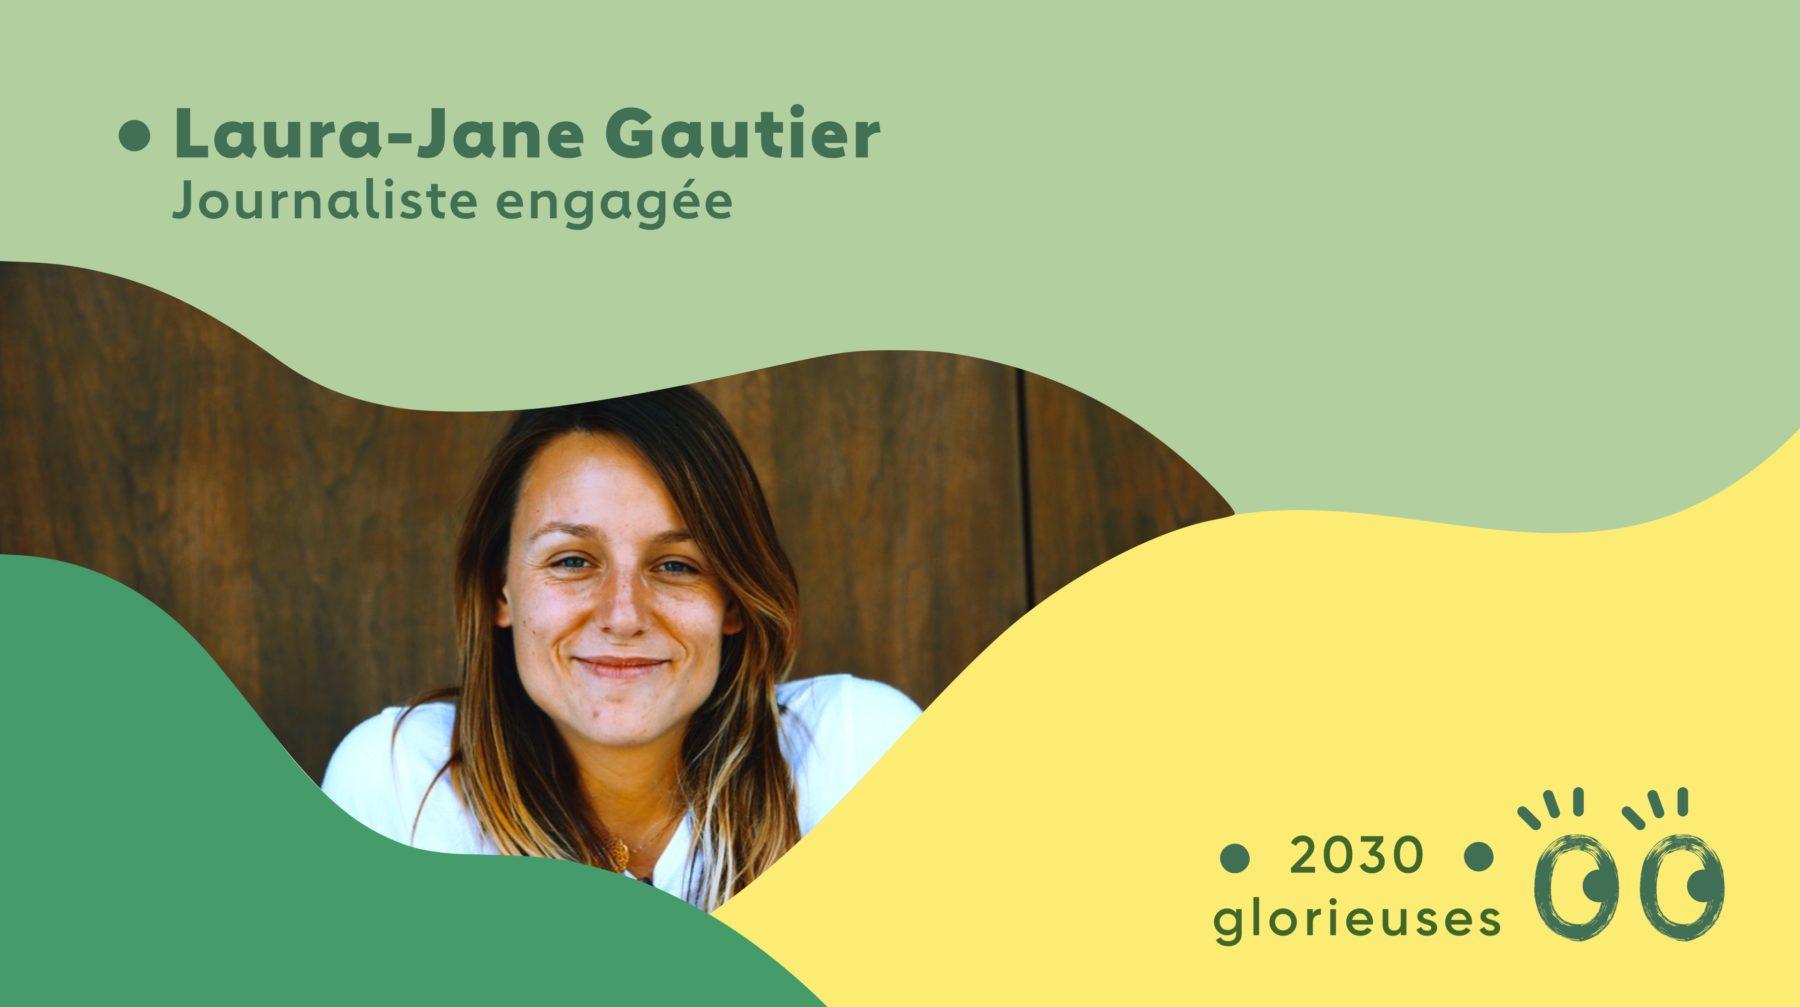 2030 Glorieuses #3: Laura-Jane Gautier